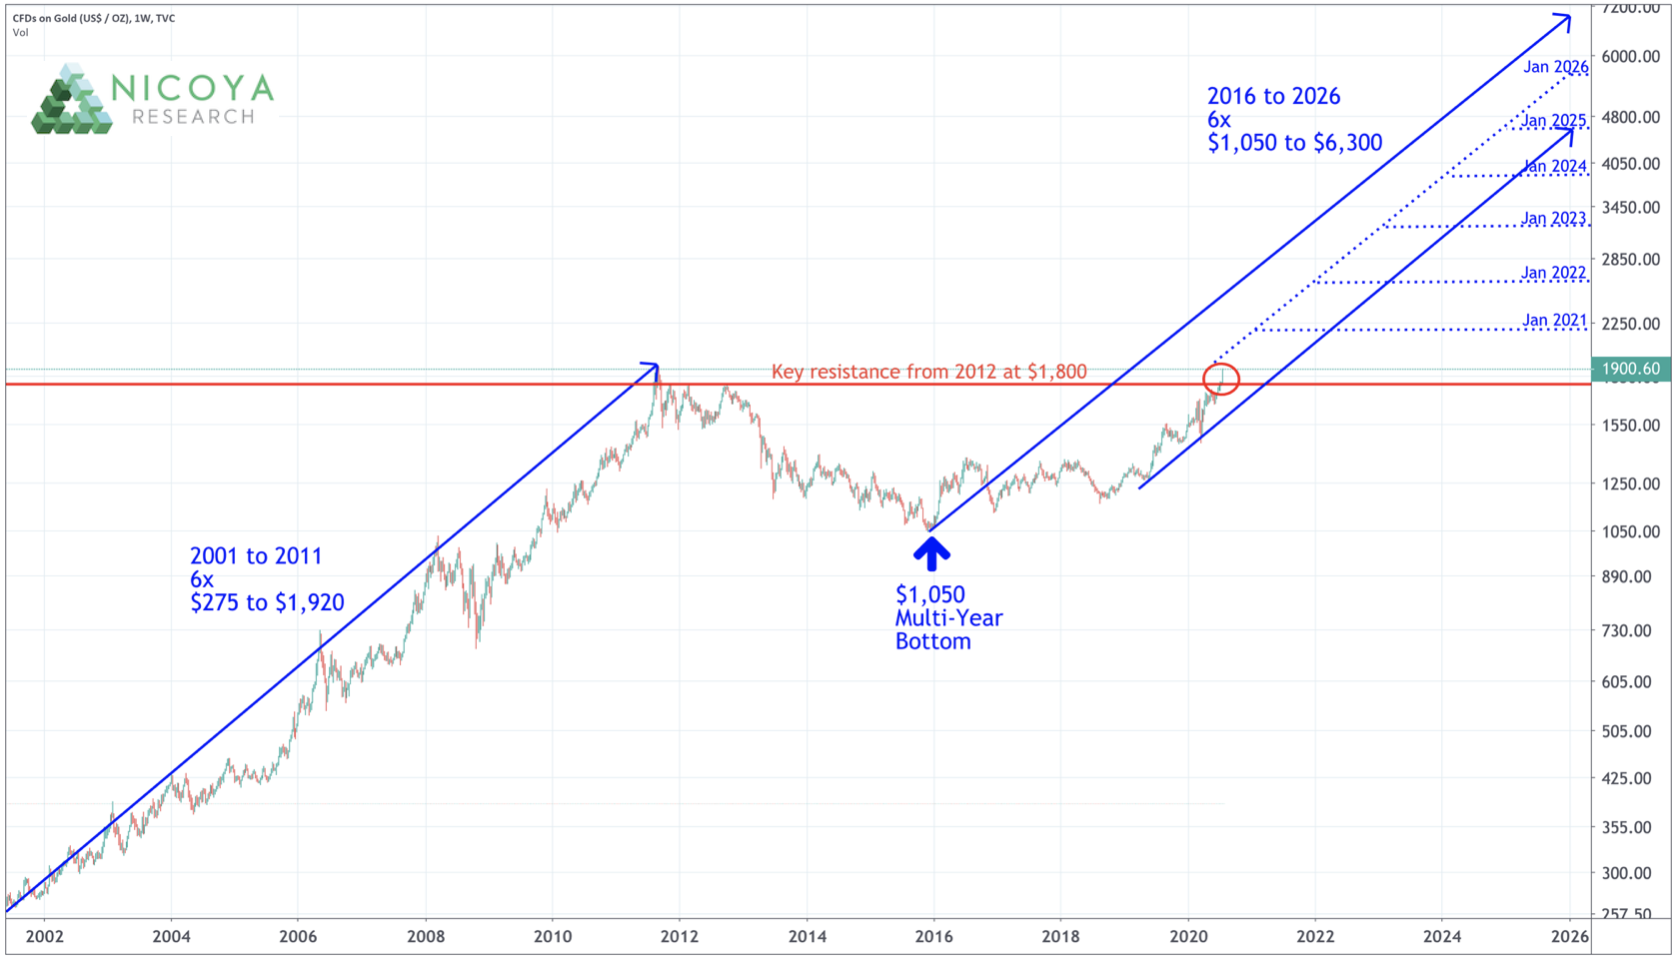 линейный прогноз цены золота на 2020 2021 2022 2023 2024 2025 2026 годы